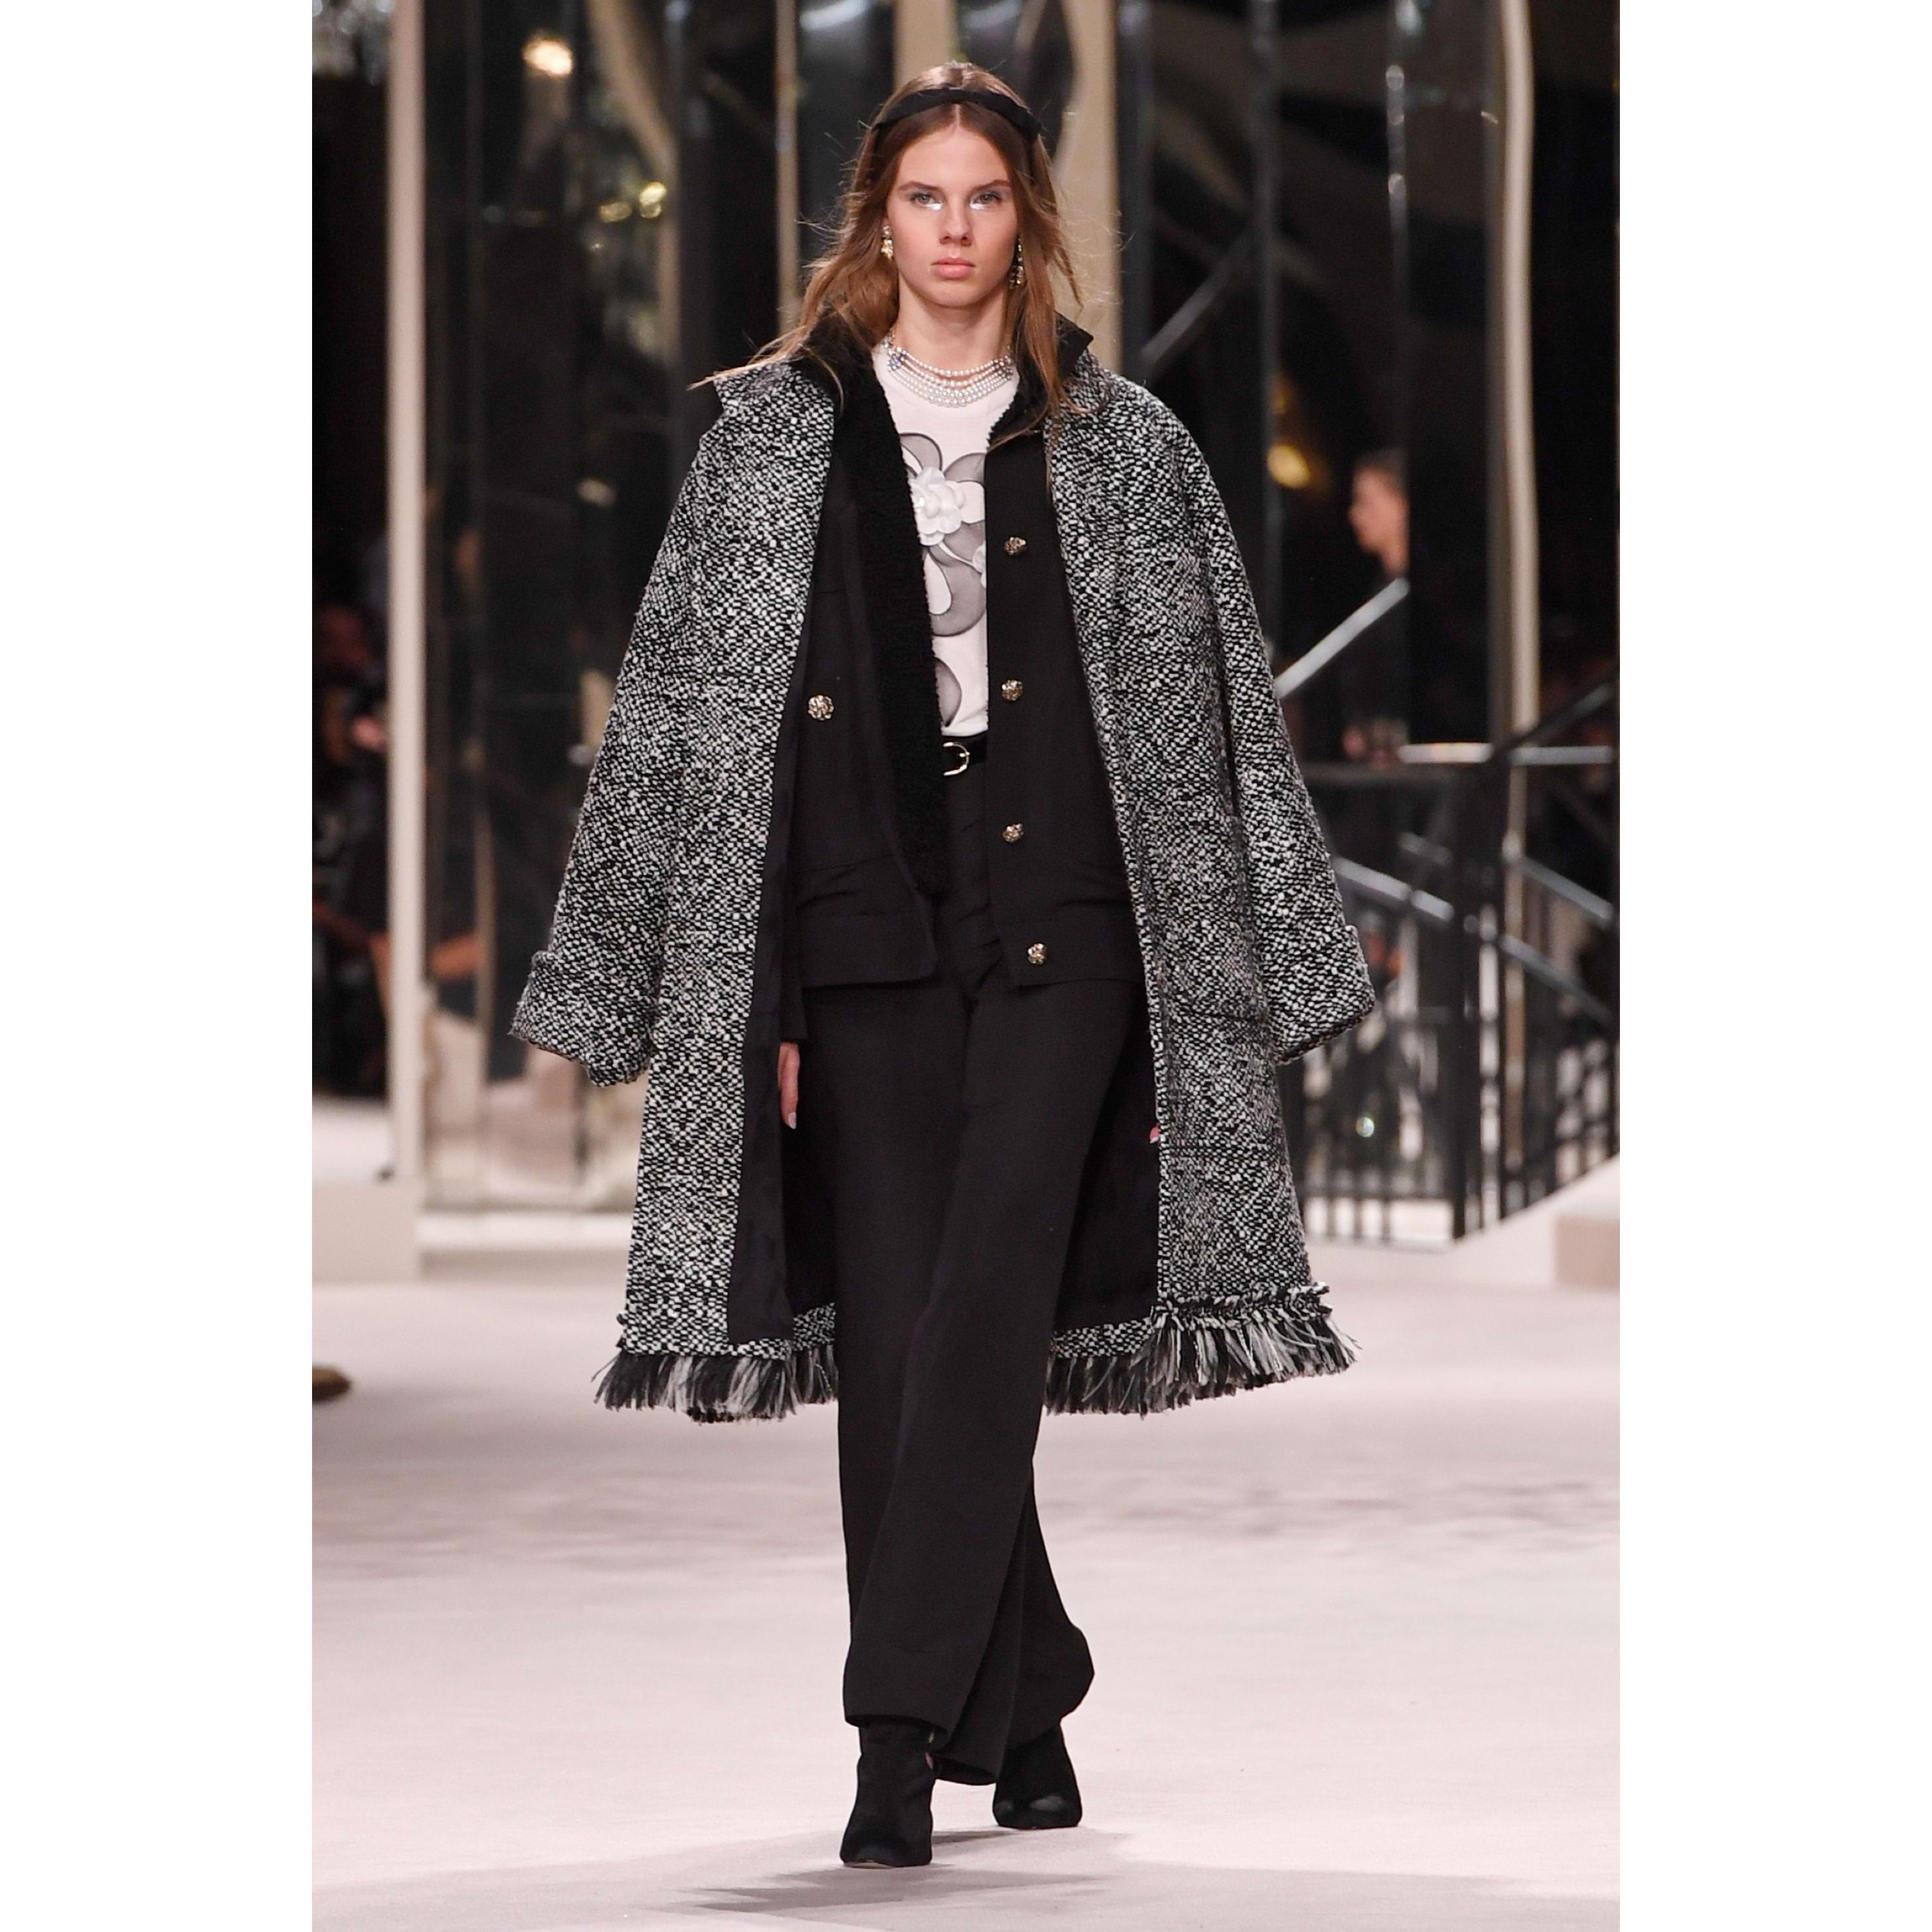 กางเกงขายาว - สีดำ - ผ้าคอตตอนและผ้าไหม - CHANEL - มุมมองปัจจุบัน - ดูเวอร์ชันขนาดมาตรฐาน